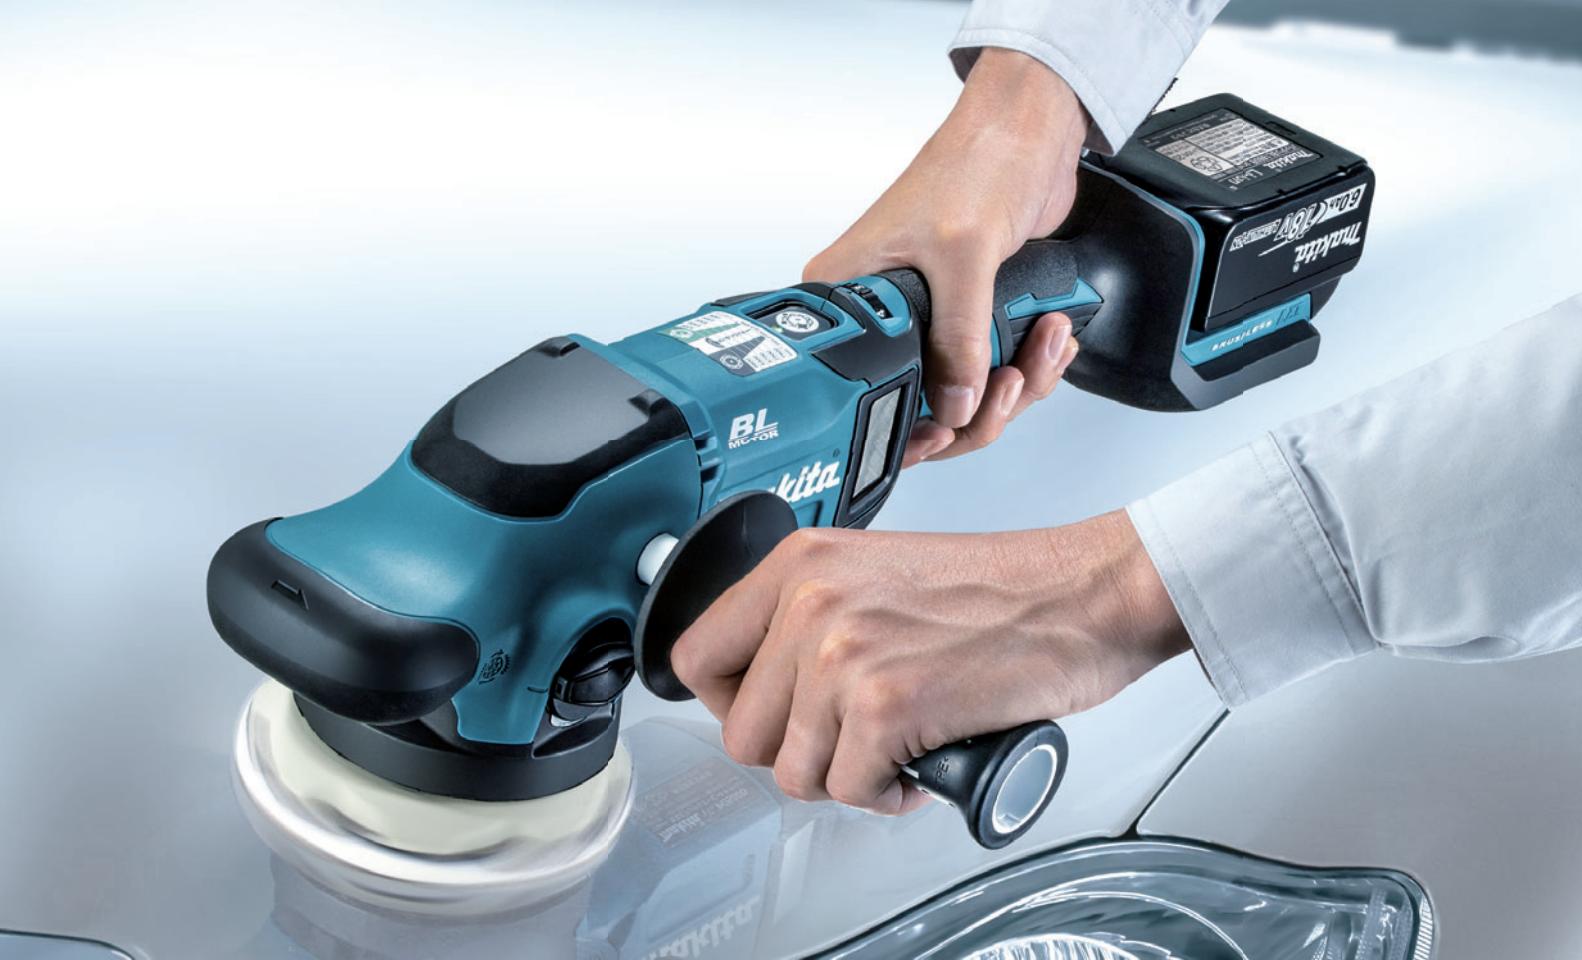 【マキタ】125mm充電式ランダムオービットポリッシャ『125mm充電式ランダムオービットポリッシャ』の画像